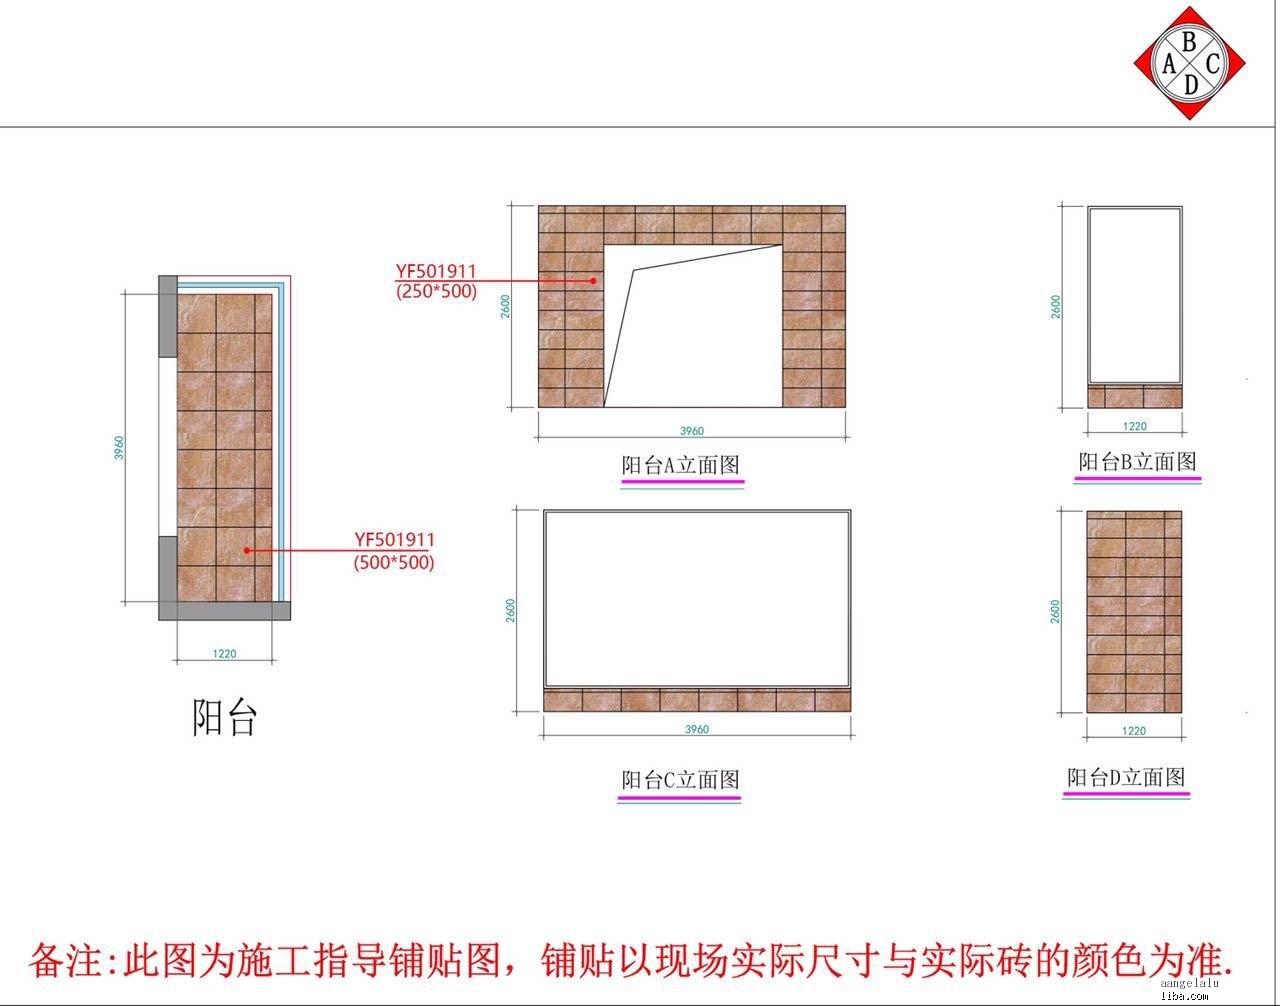 new image - rwscx.jpg